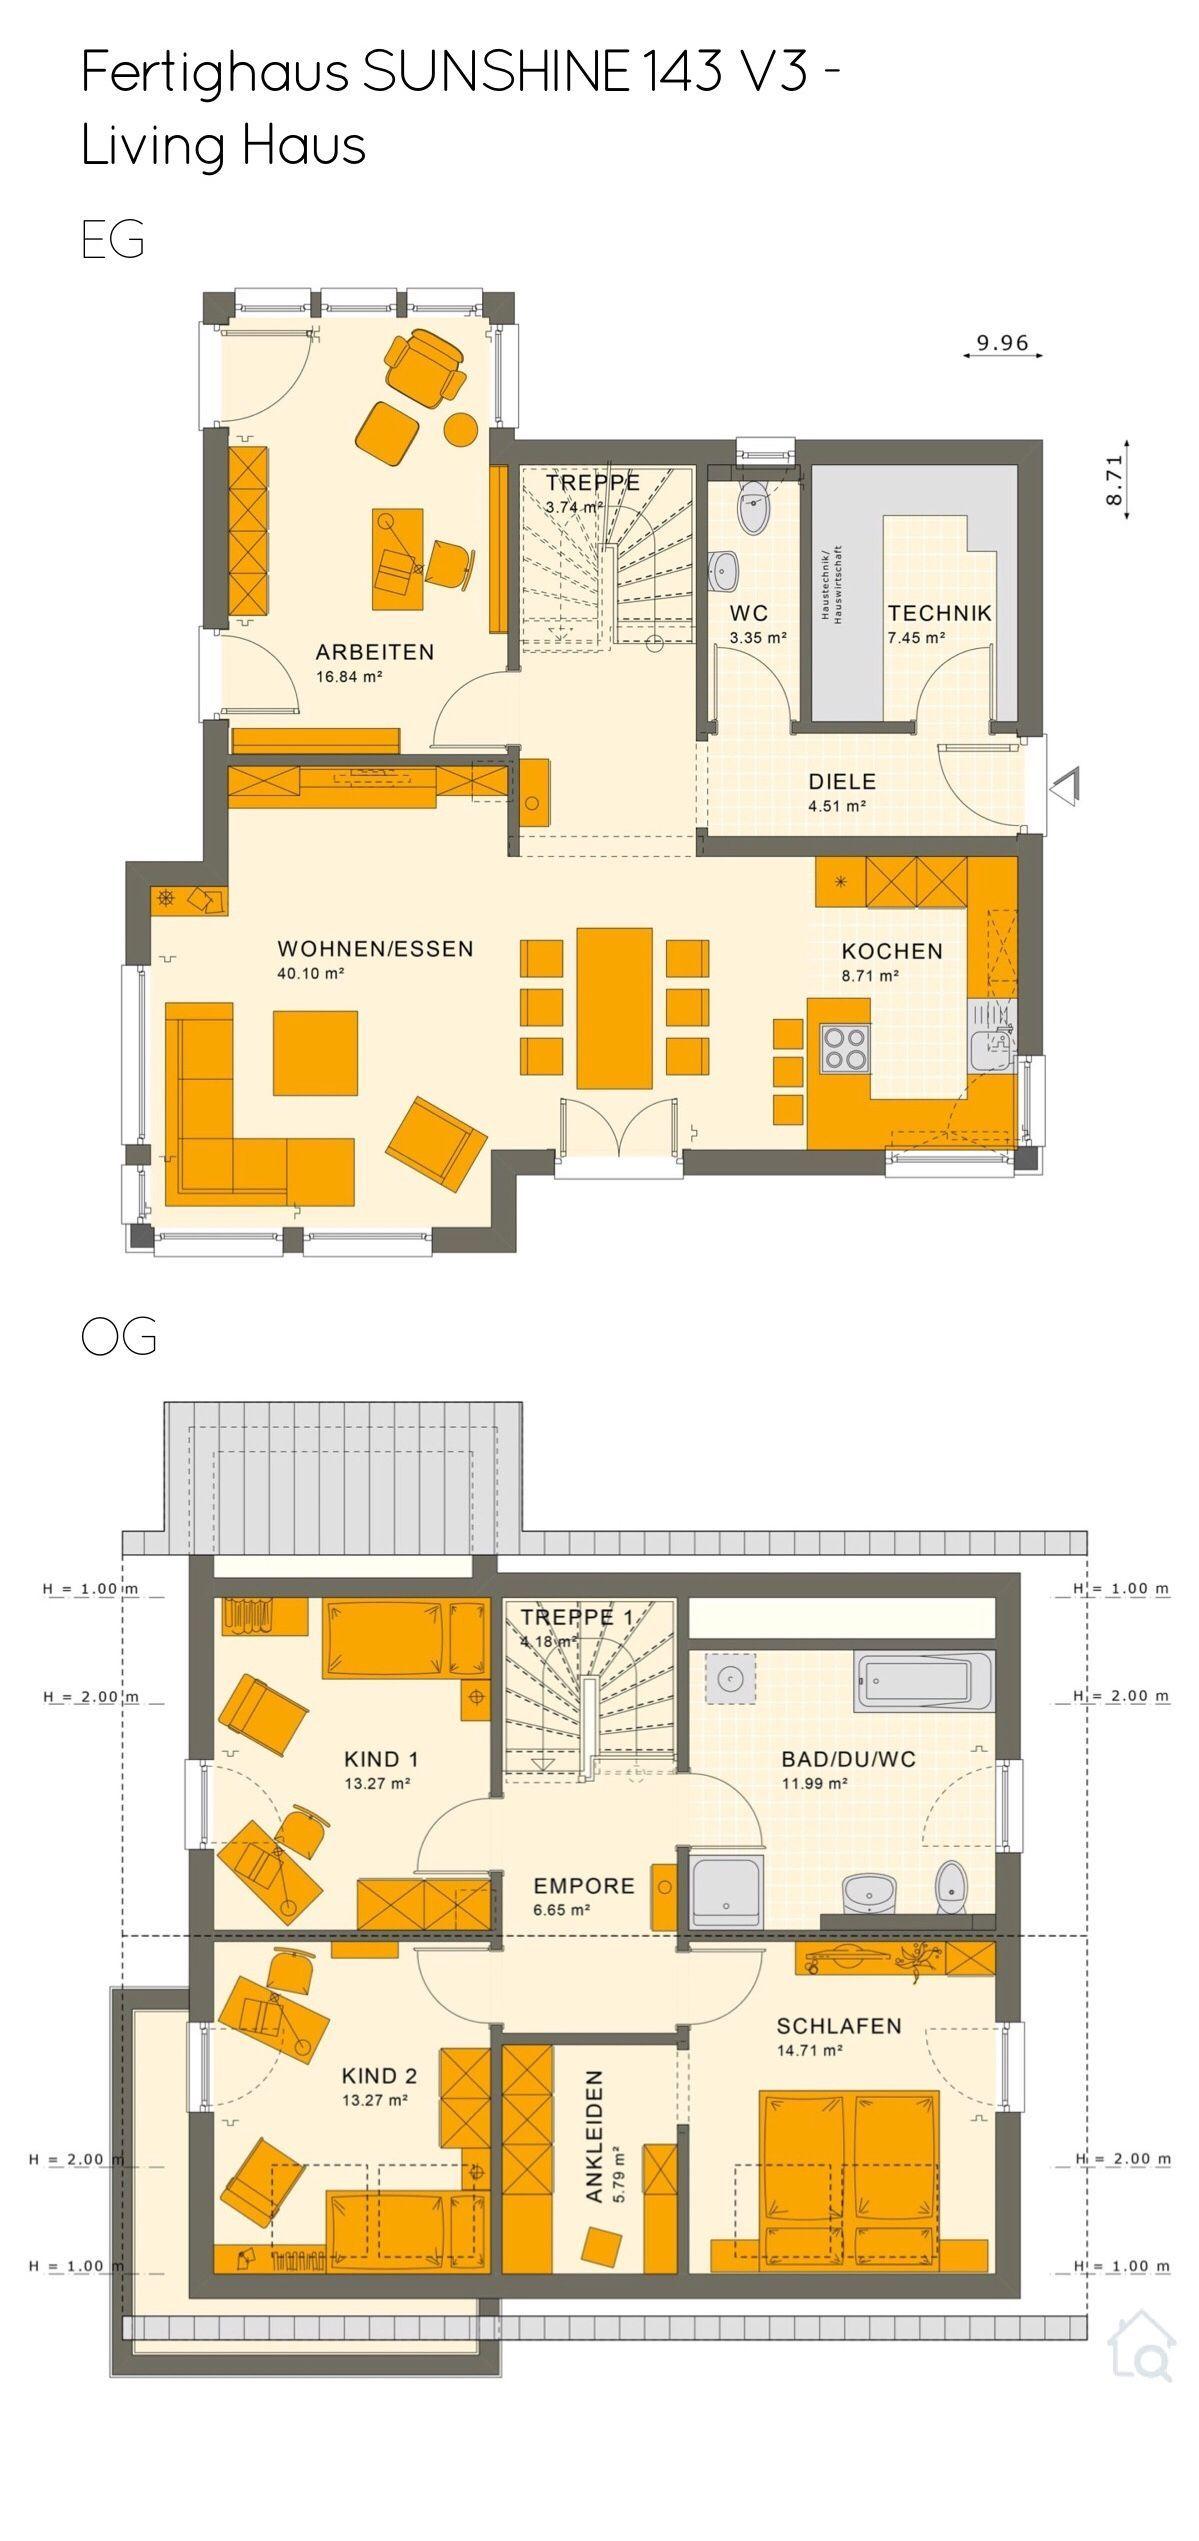 Grundriss Einfamilienhaus mit Satteldach 5 Zimmer, 140